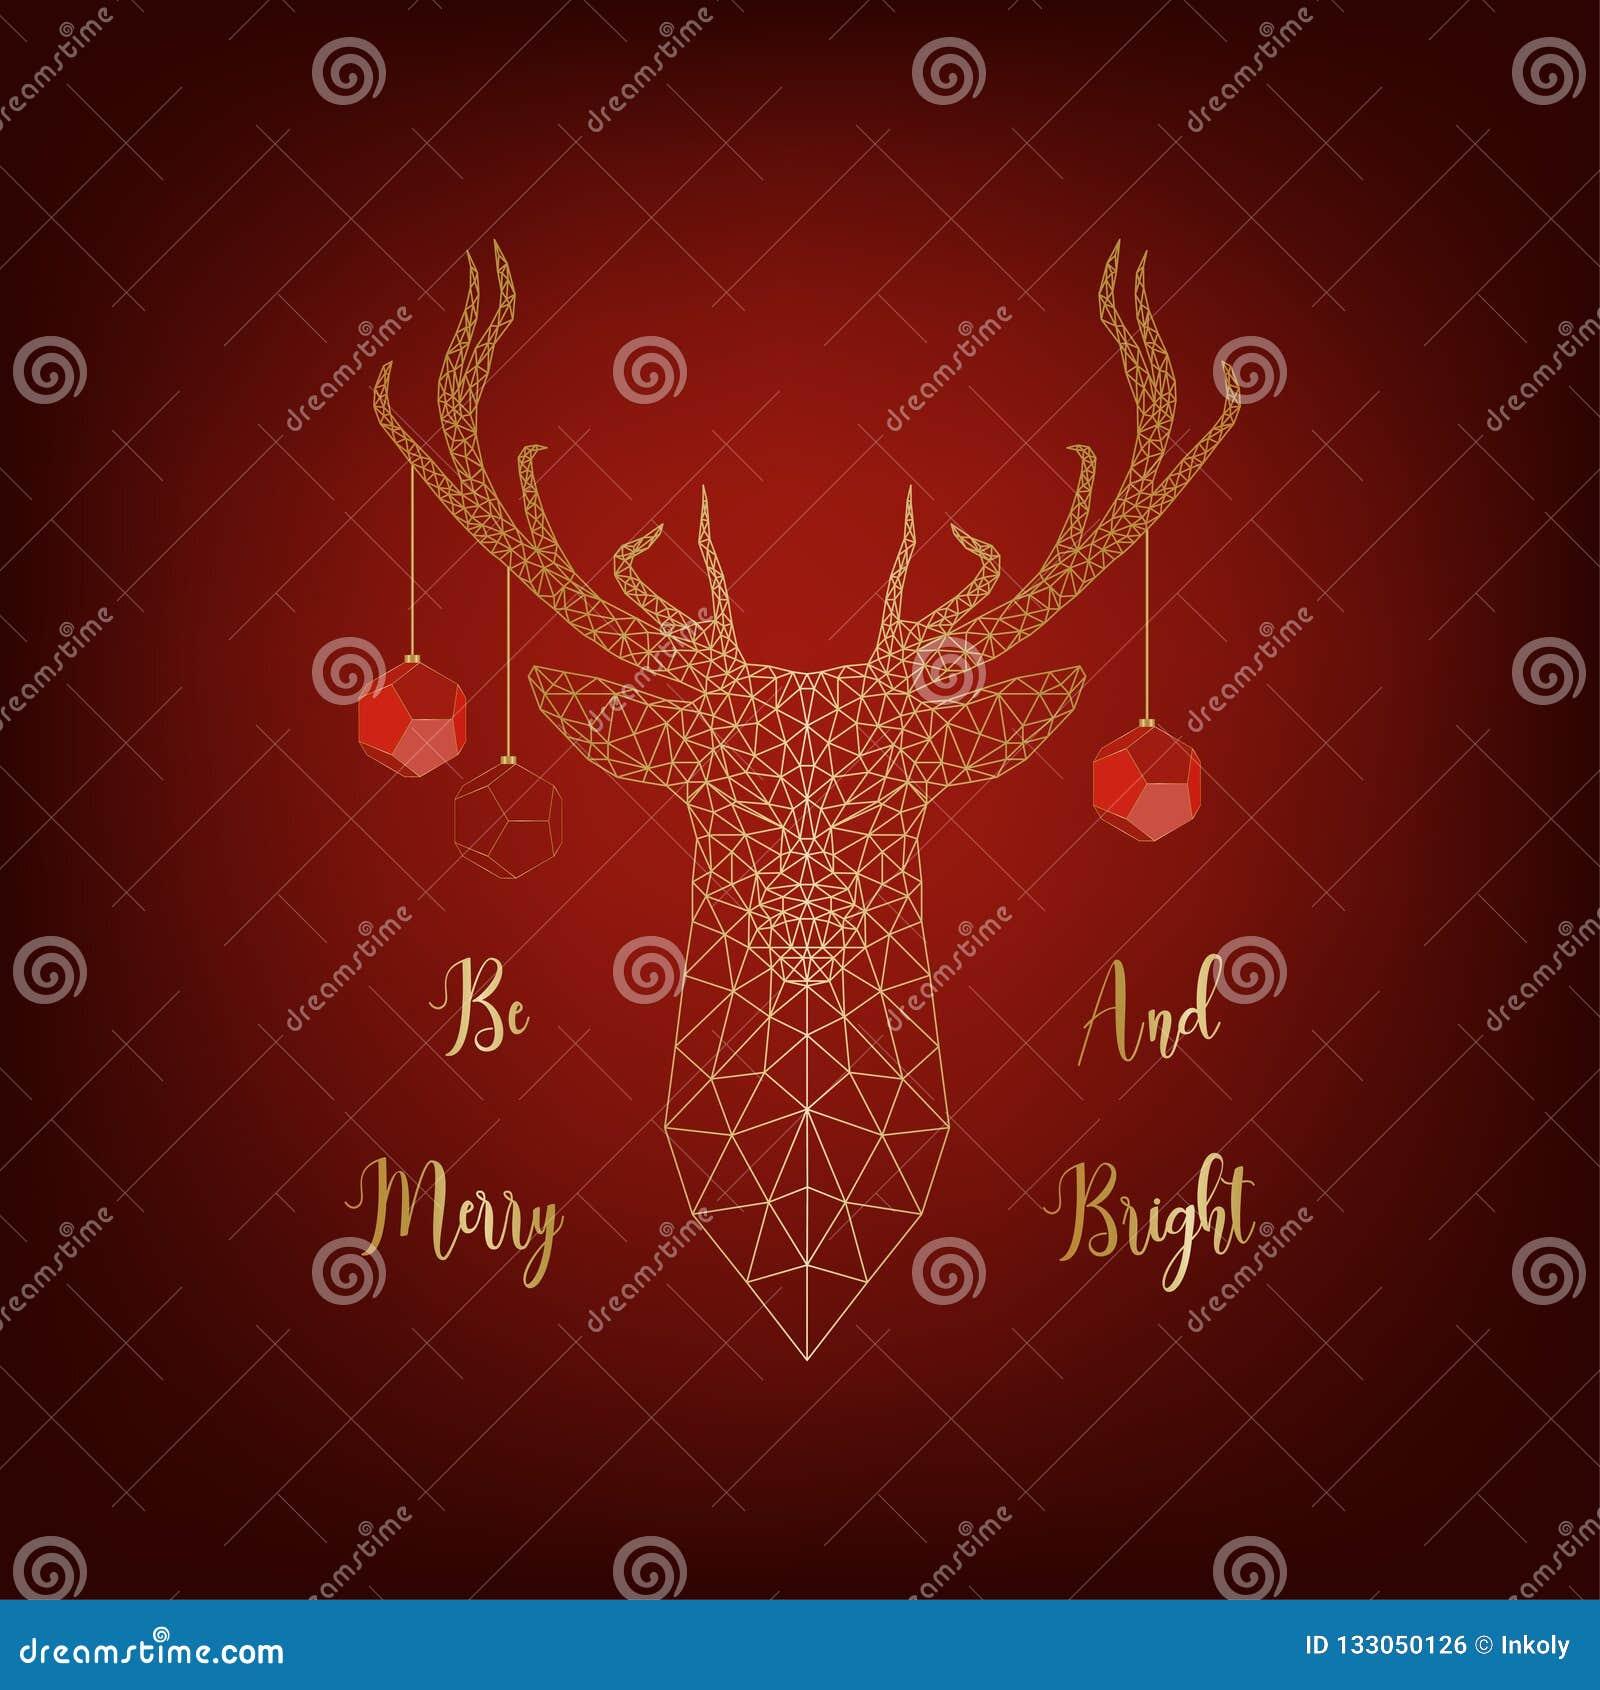 Kerstkaart met gouden die herten door ballen wordt de verfraaid en tekst vrolijk en helder is op rode achtergrond